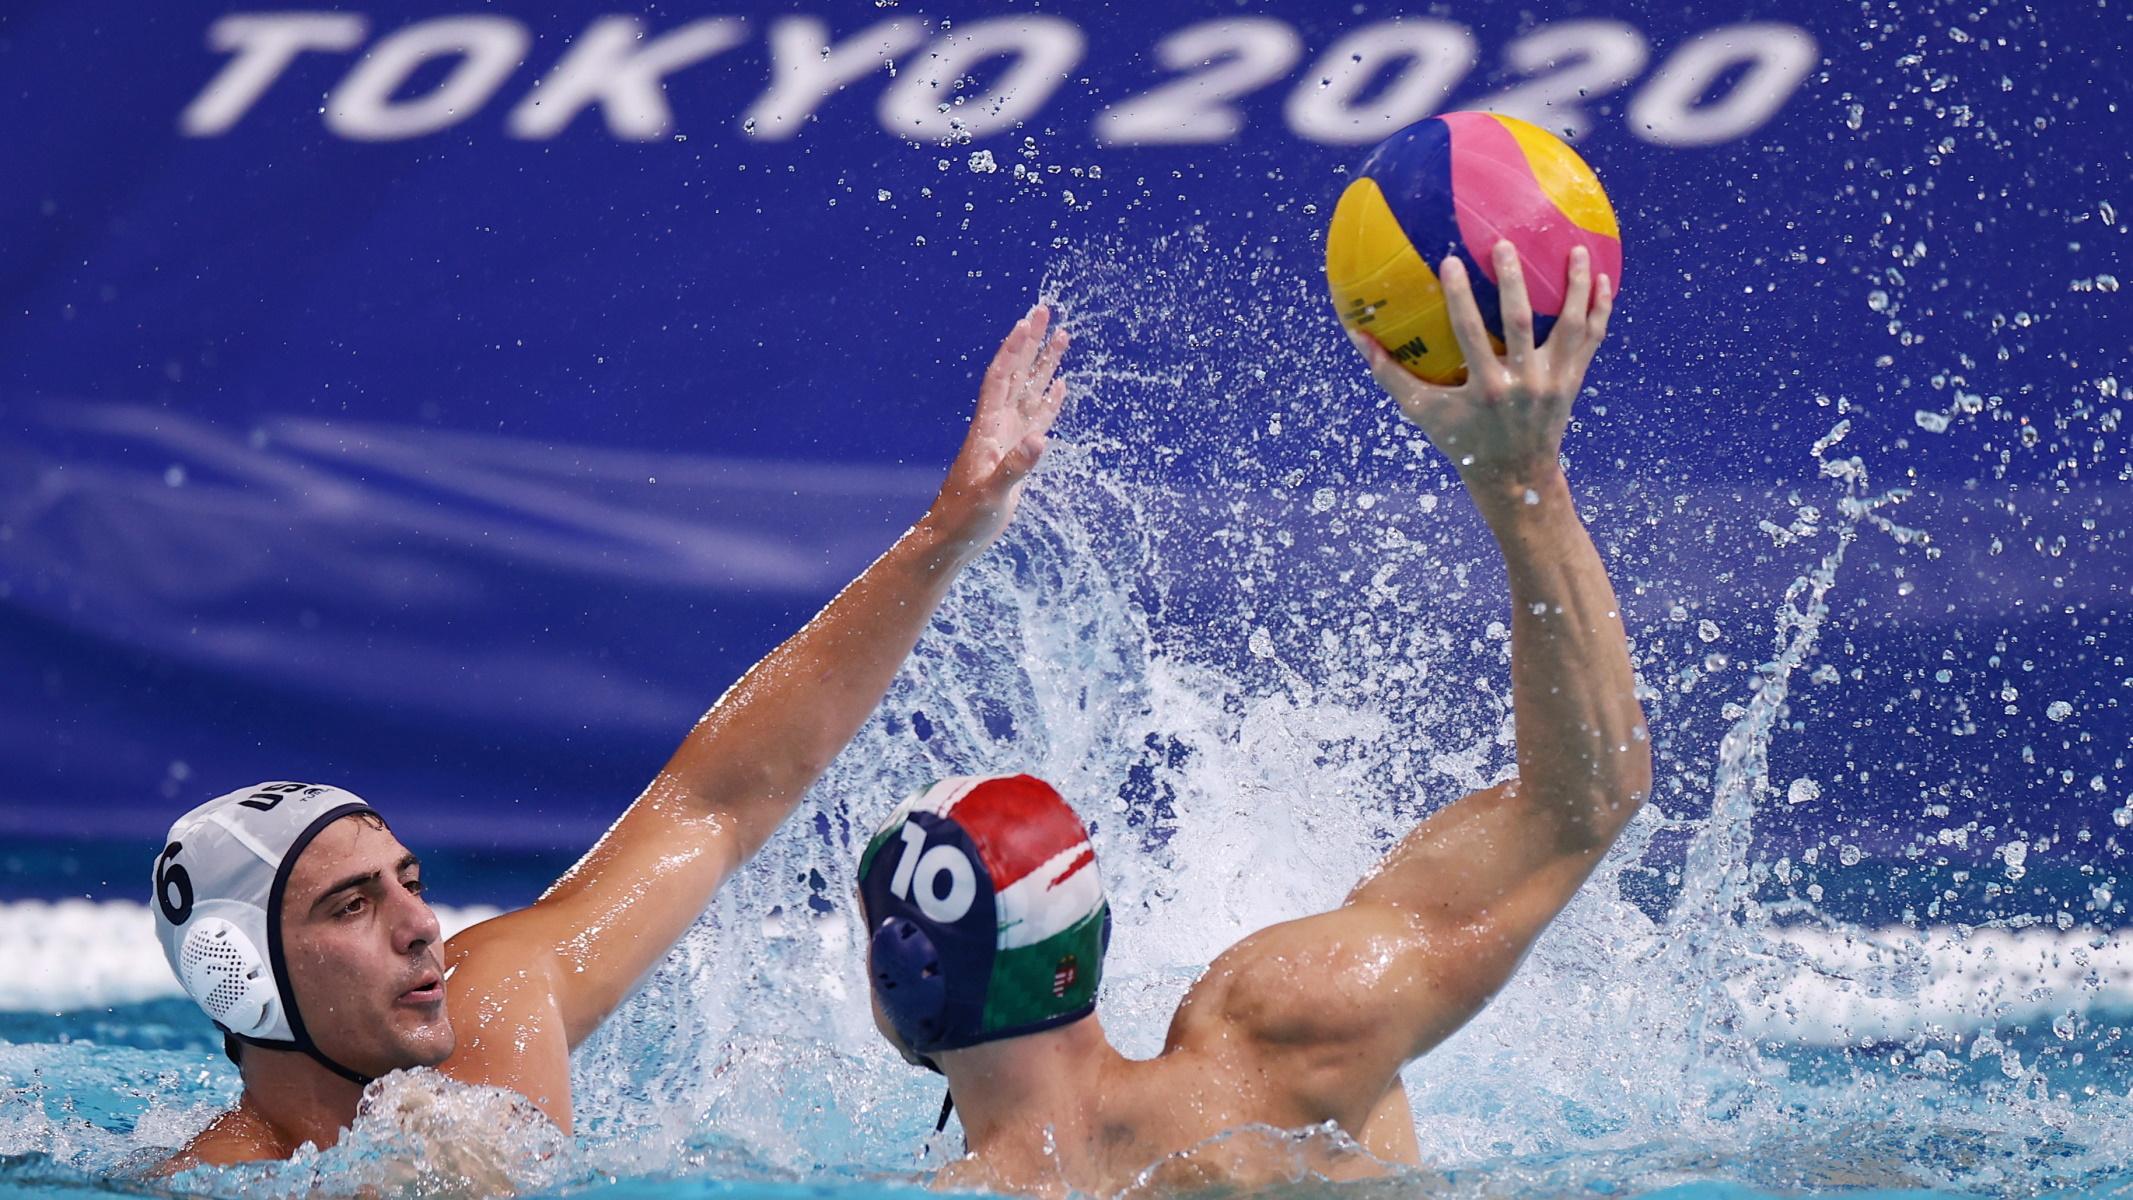 ΗΠΑ – Ουγγαρία 8-11: Σπουδαία νίκη οι «Μαγυάροι» στον όμιλο της Εθνικής